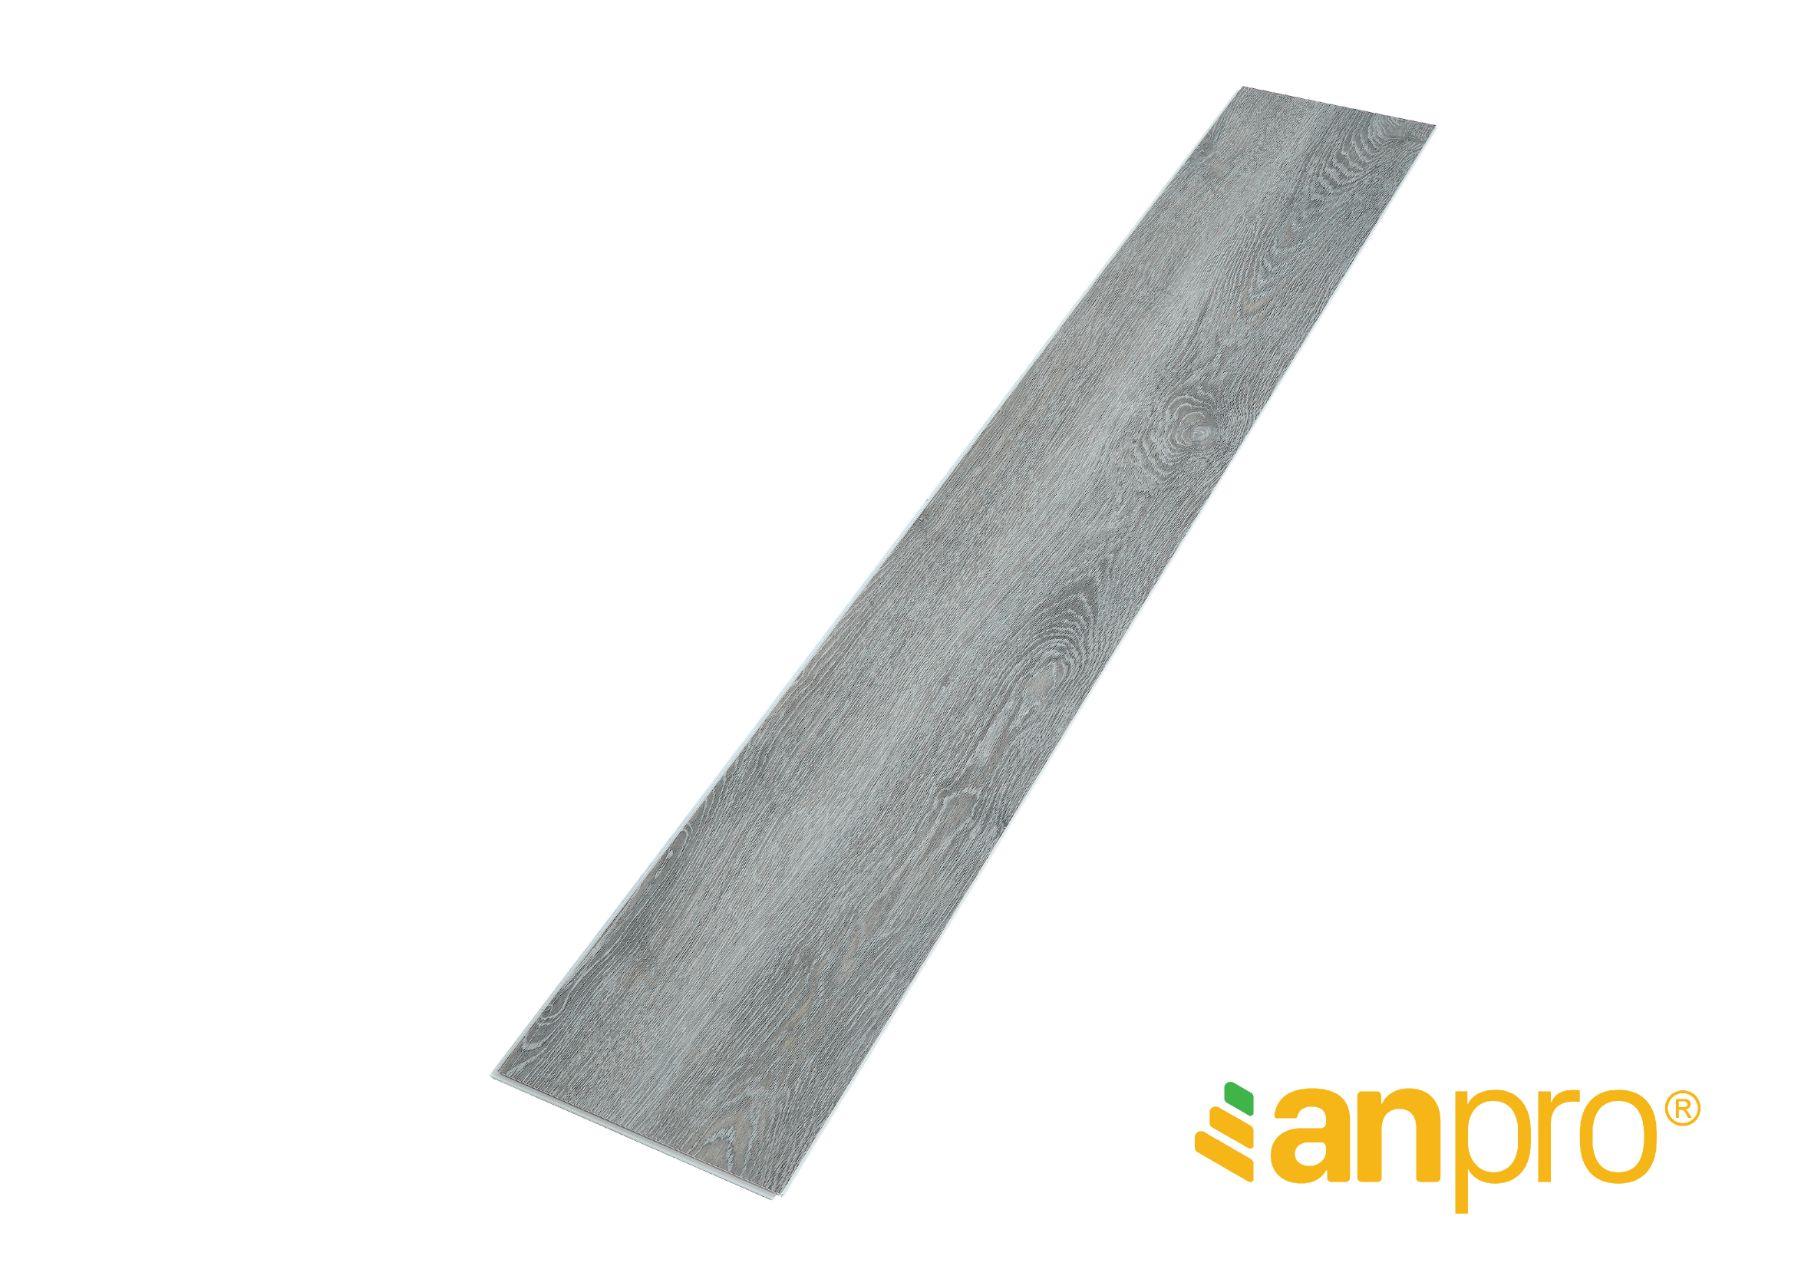 SA113 01 - Sàn AnPro vân gỗ SA113